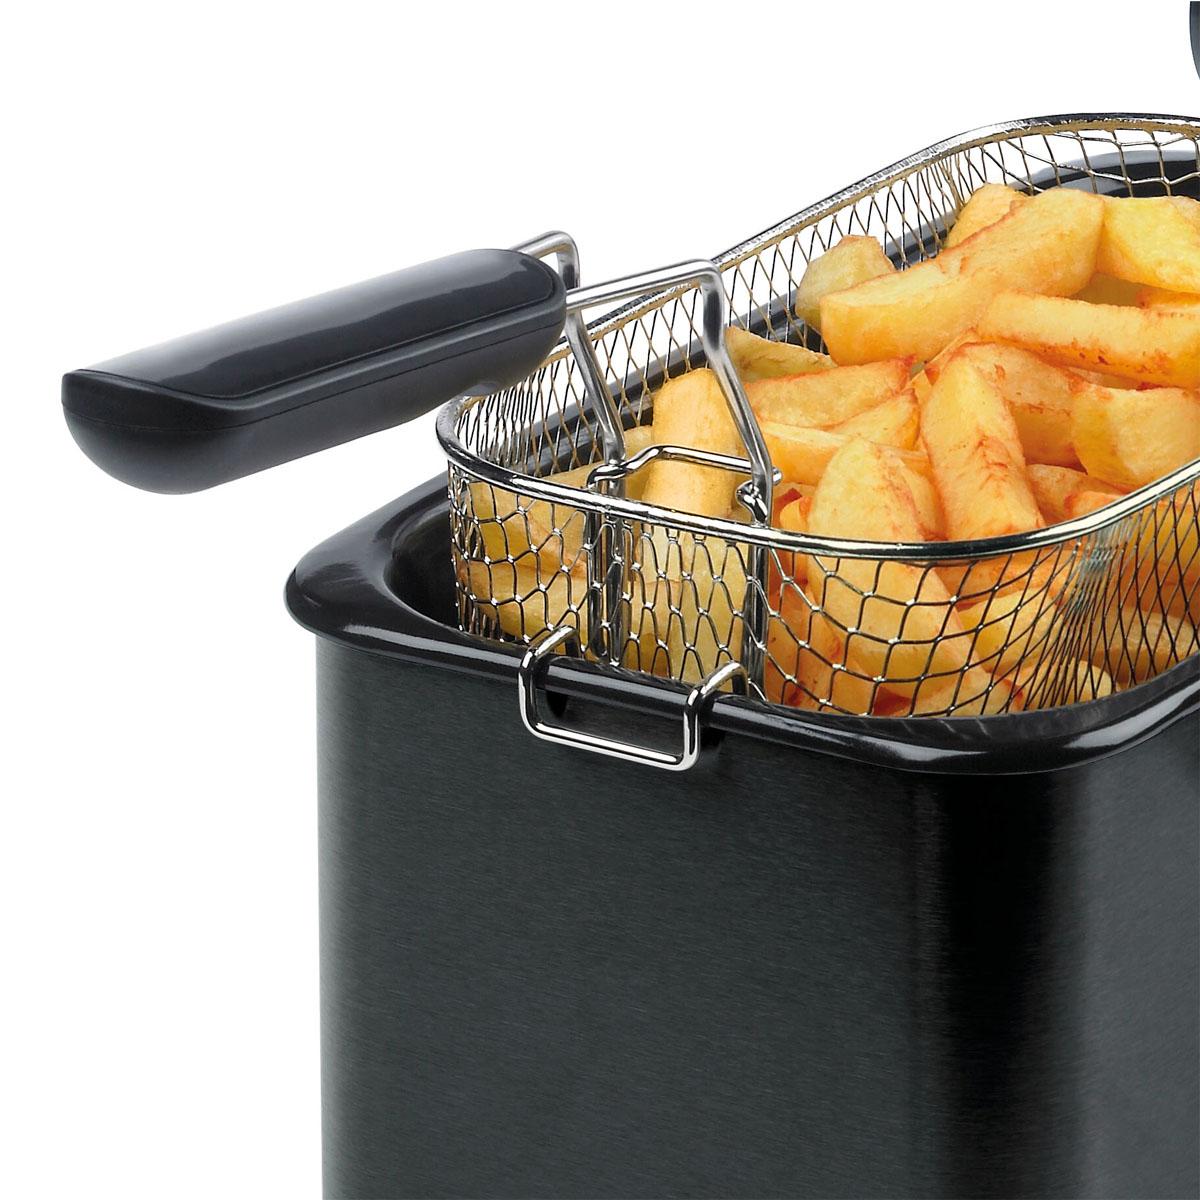 Black Deep Fat Fryer, 3L, 1Kg - VDF112 | Breville